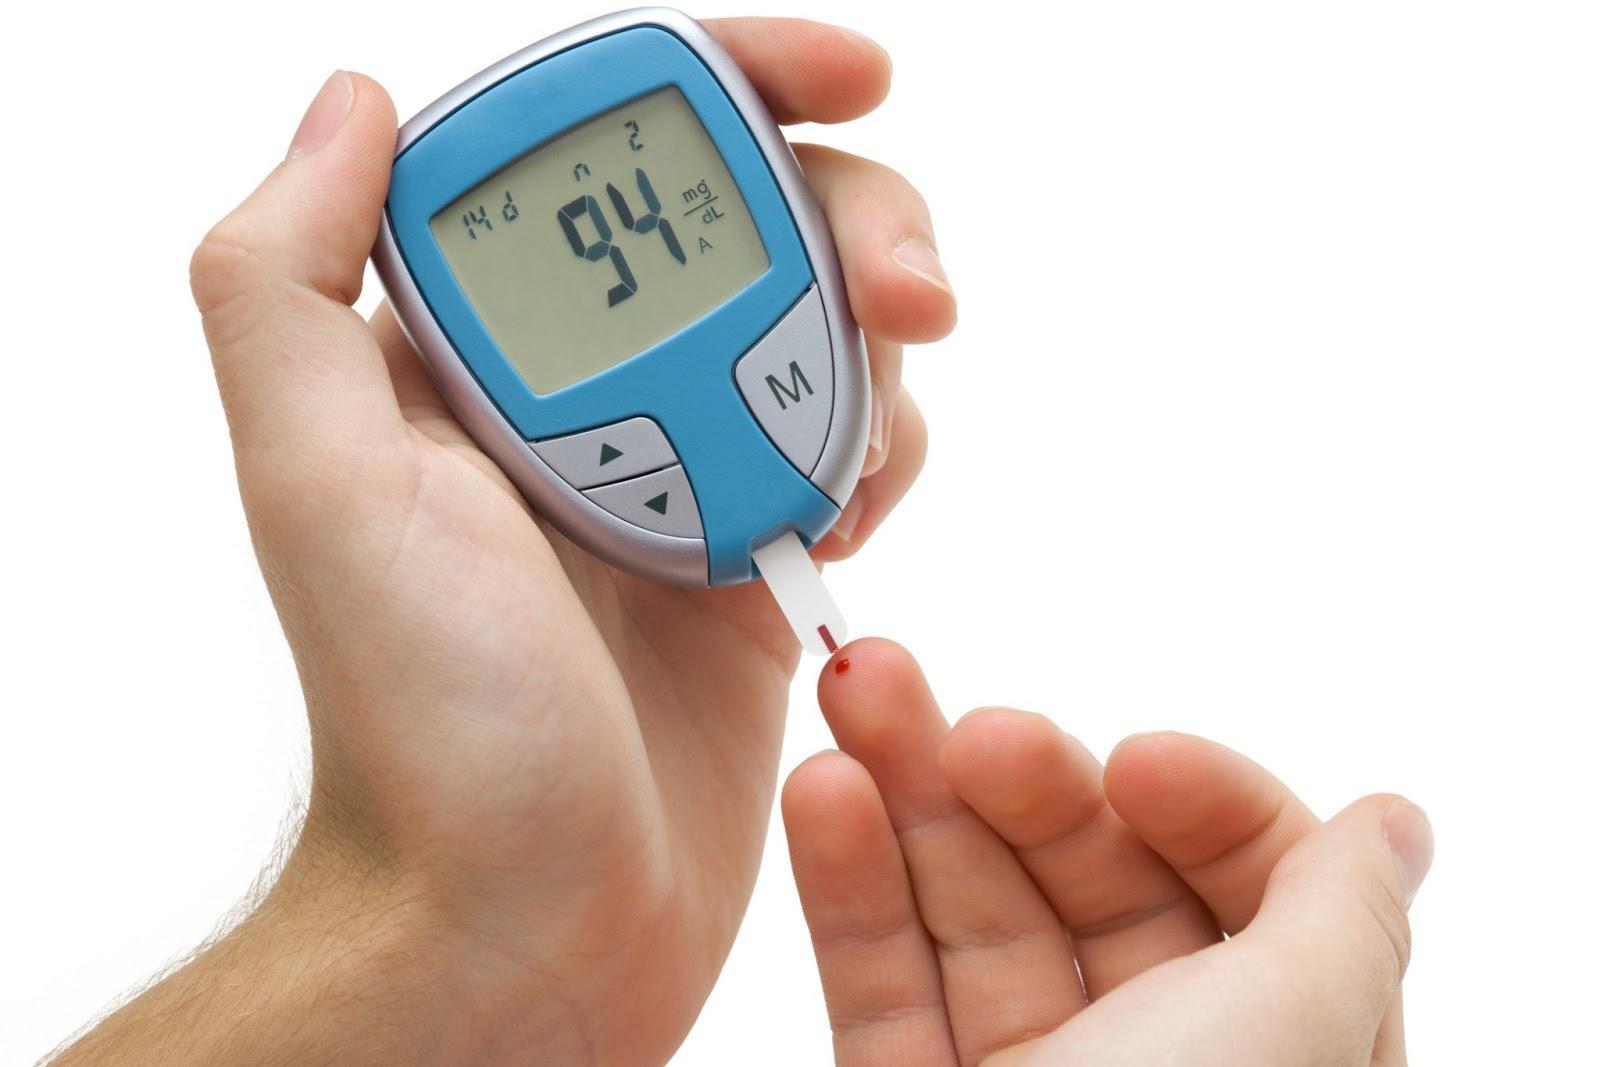 máy đo tiểu đường ngày càng được cải tiến và hiện đại hơn